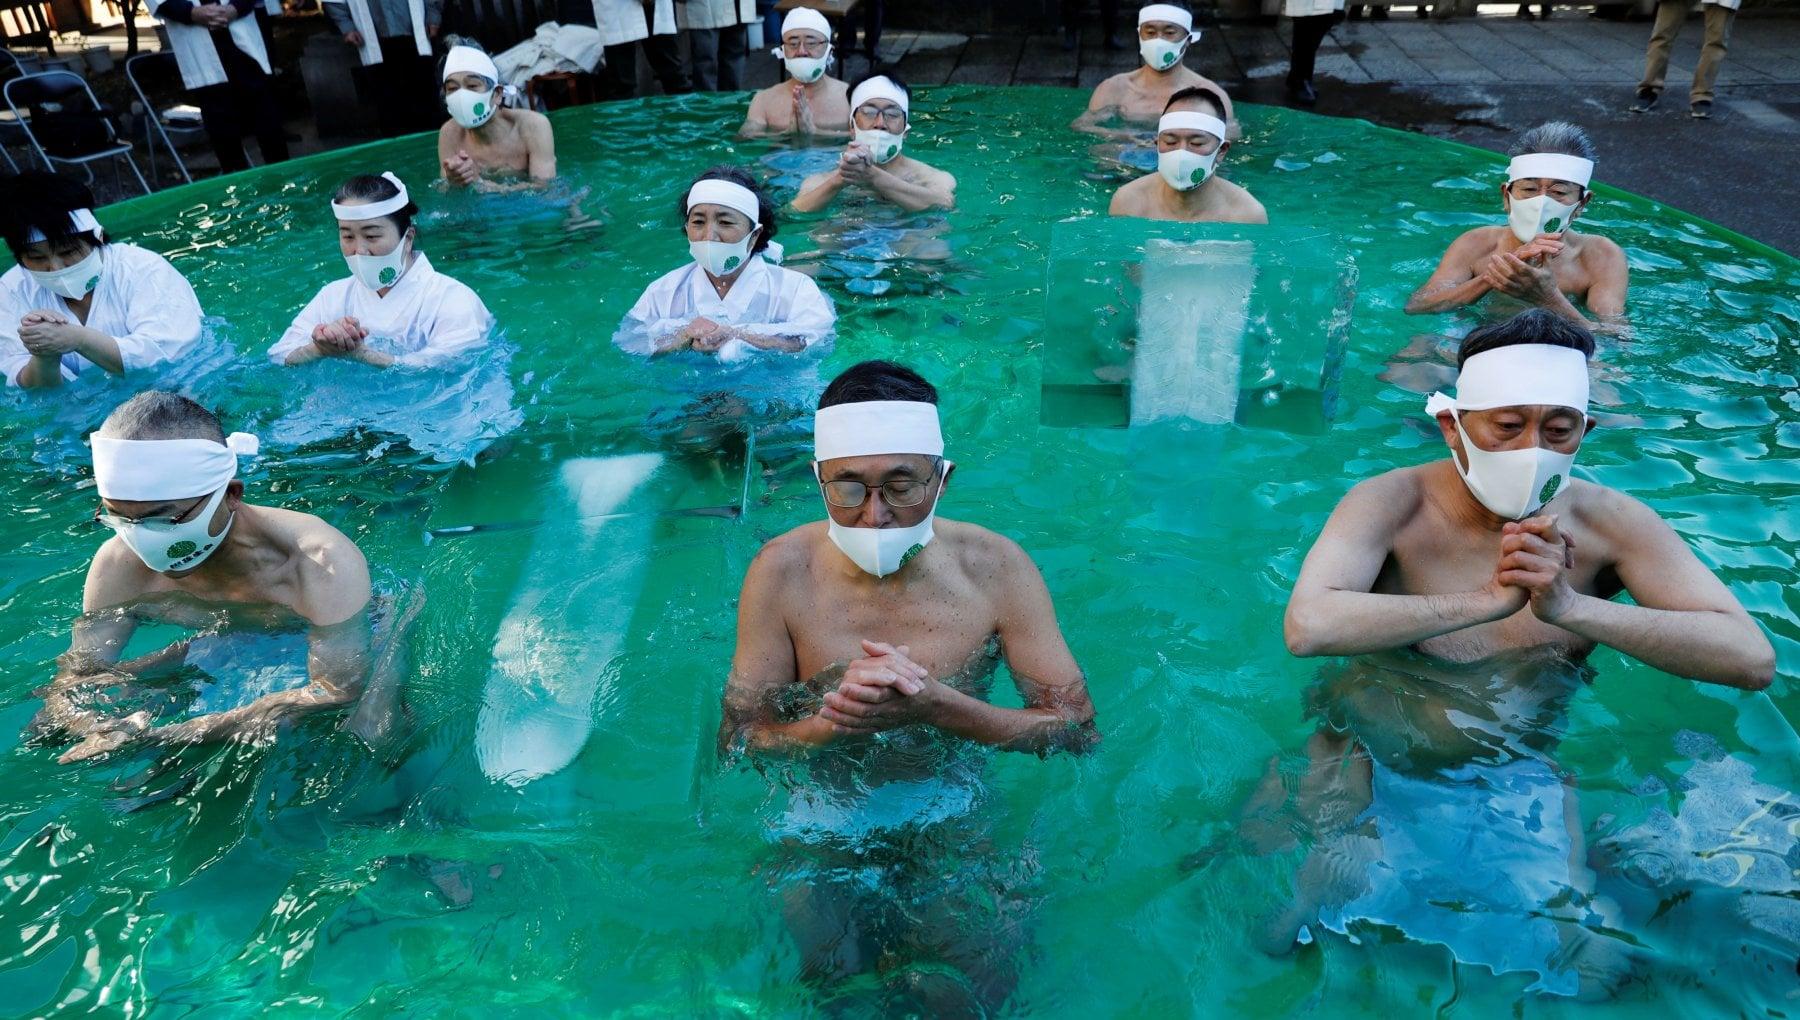 022927737 b811577d 7de2 4be0 85f3 d6b28ae51699 - Coronavirus nel mondo: superata quota 90 milioni di casi. In Giappone nuova variante del virus